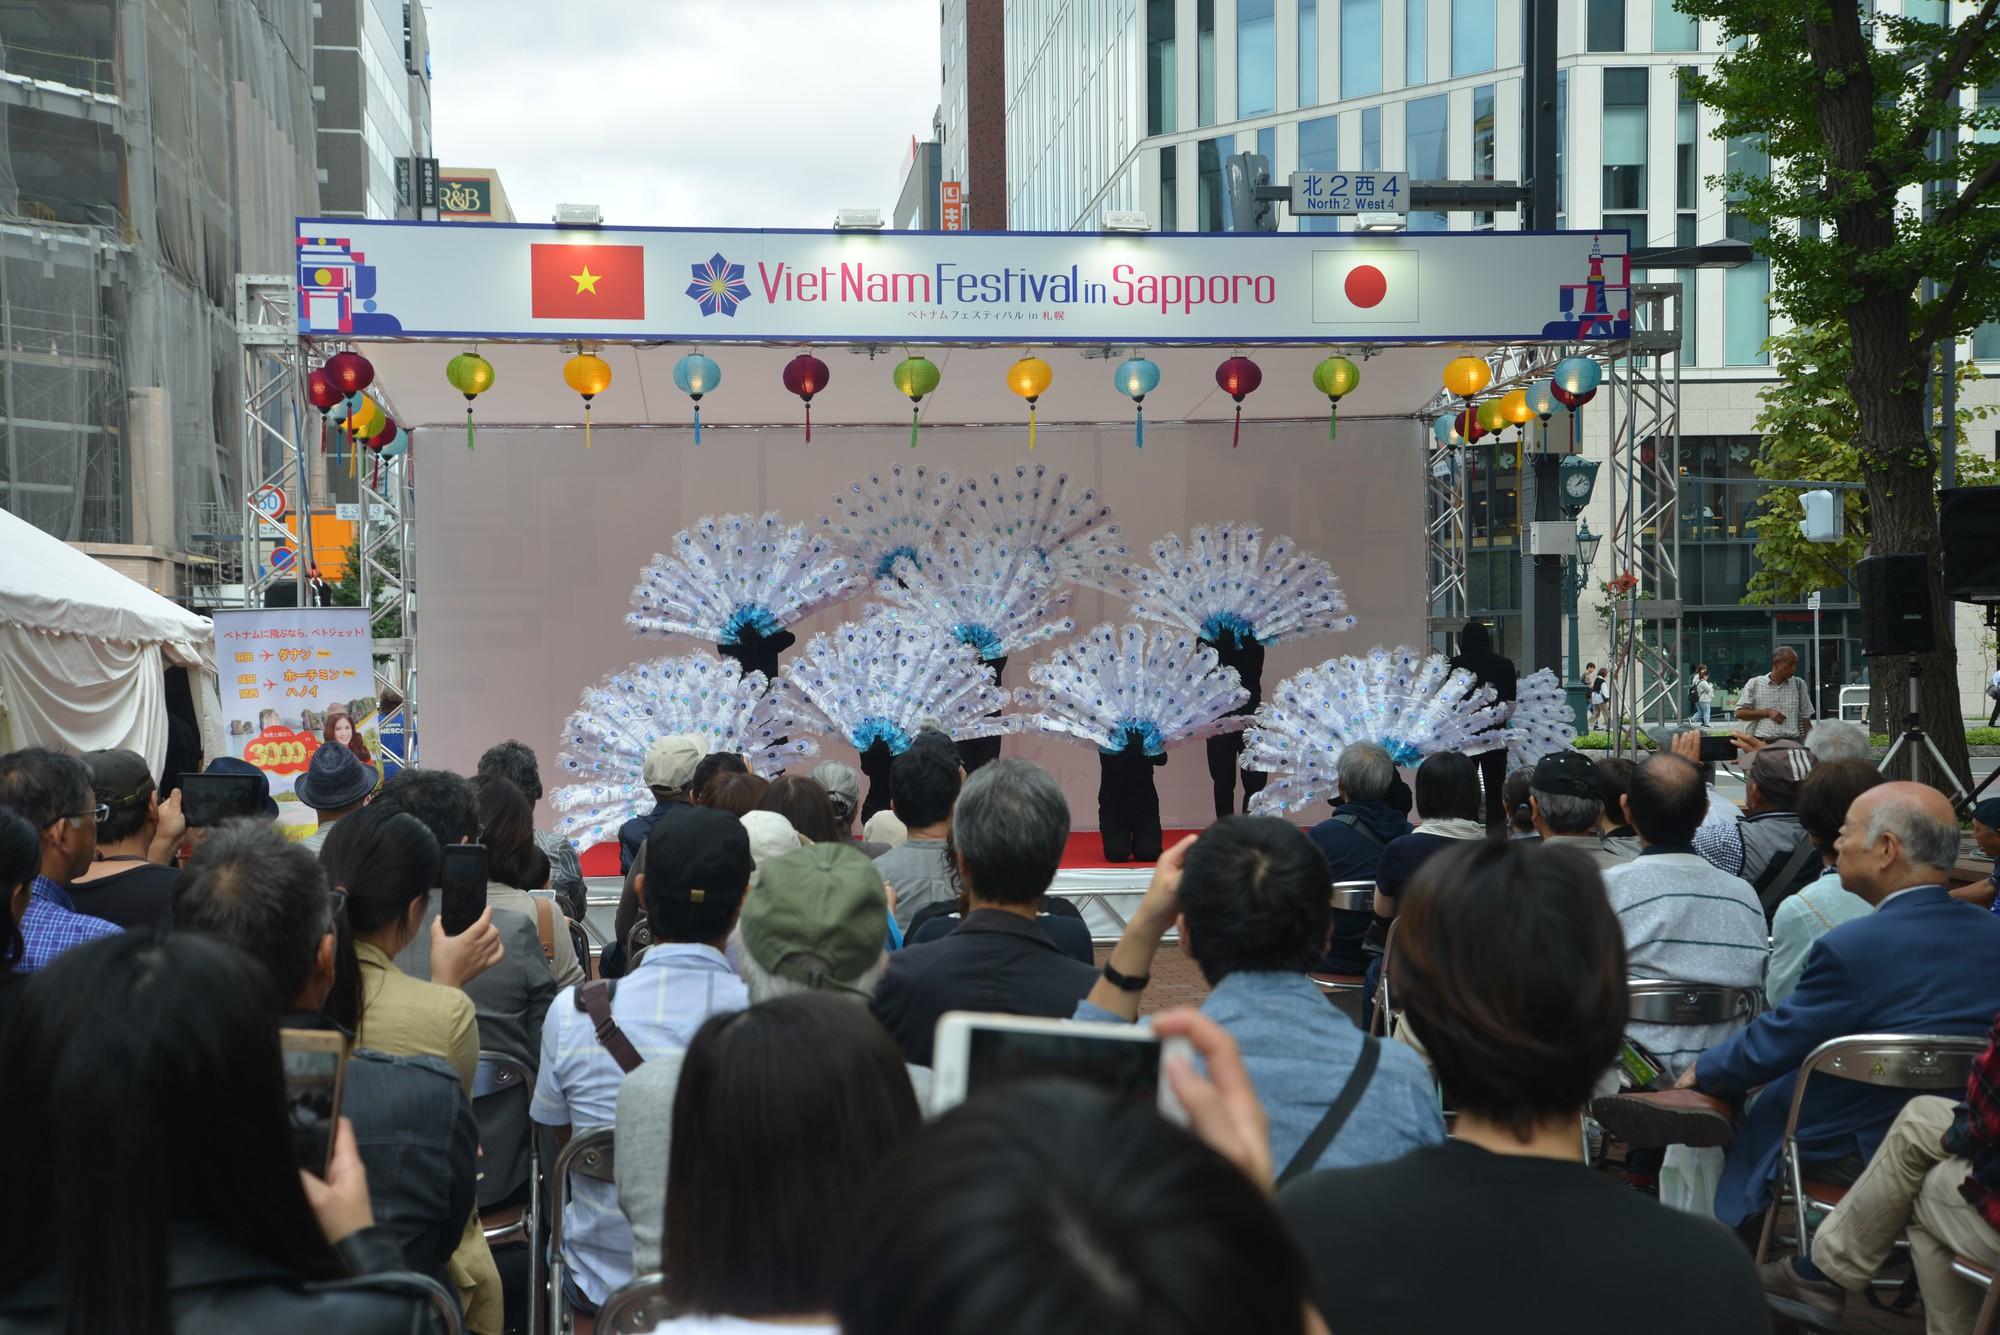 Lễ hội Việt Nam tại Sapporo năm 2019 lần thứ nhất - Ảnh 7.